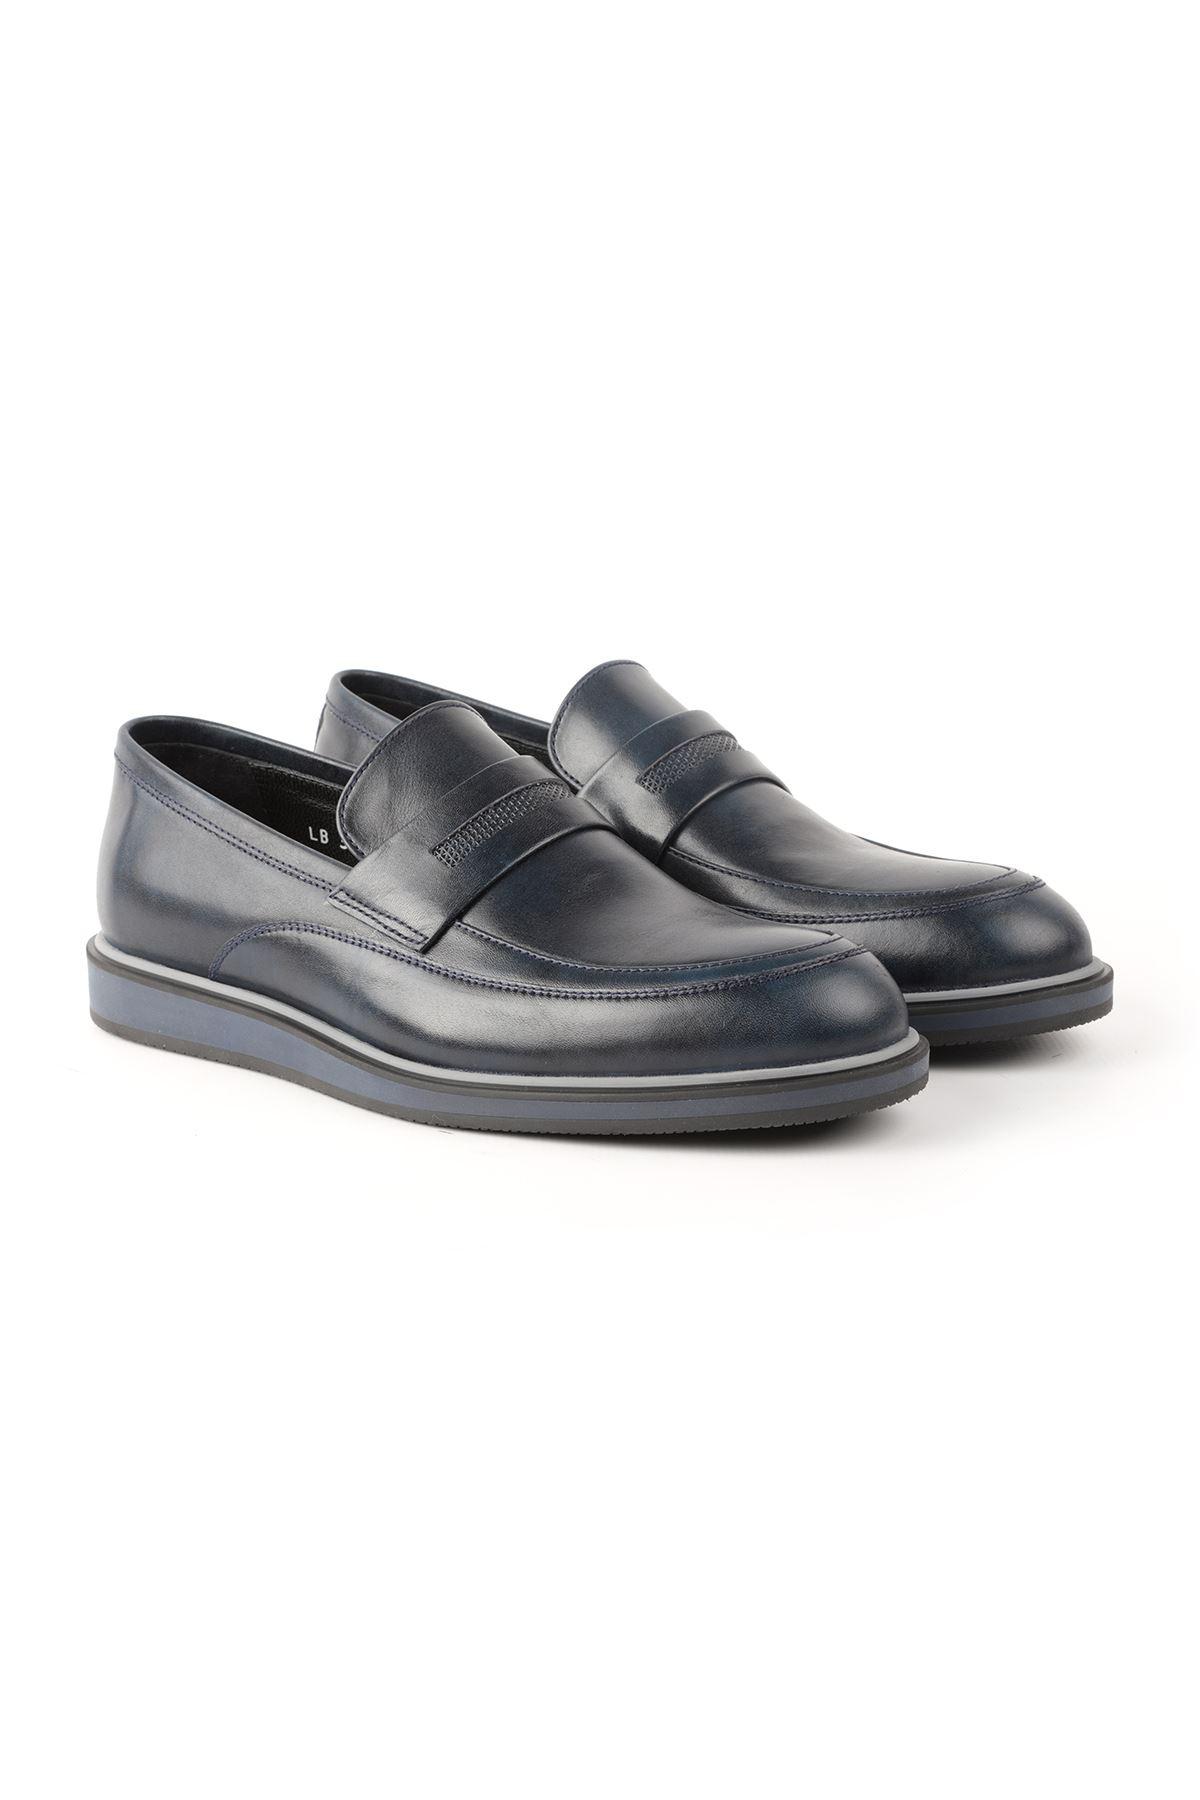 Libero L3668 Navy Blue Loafer Men's Shoes